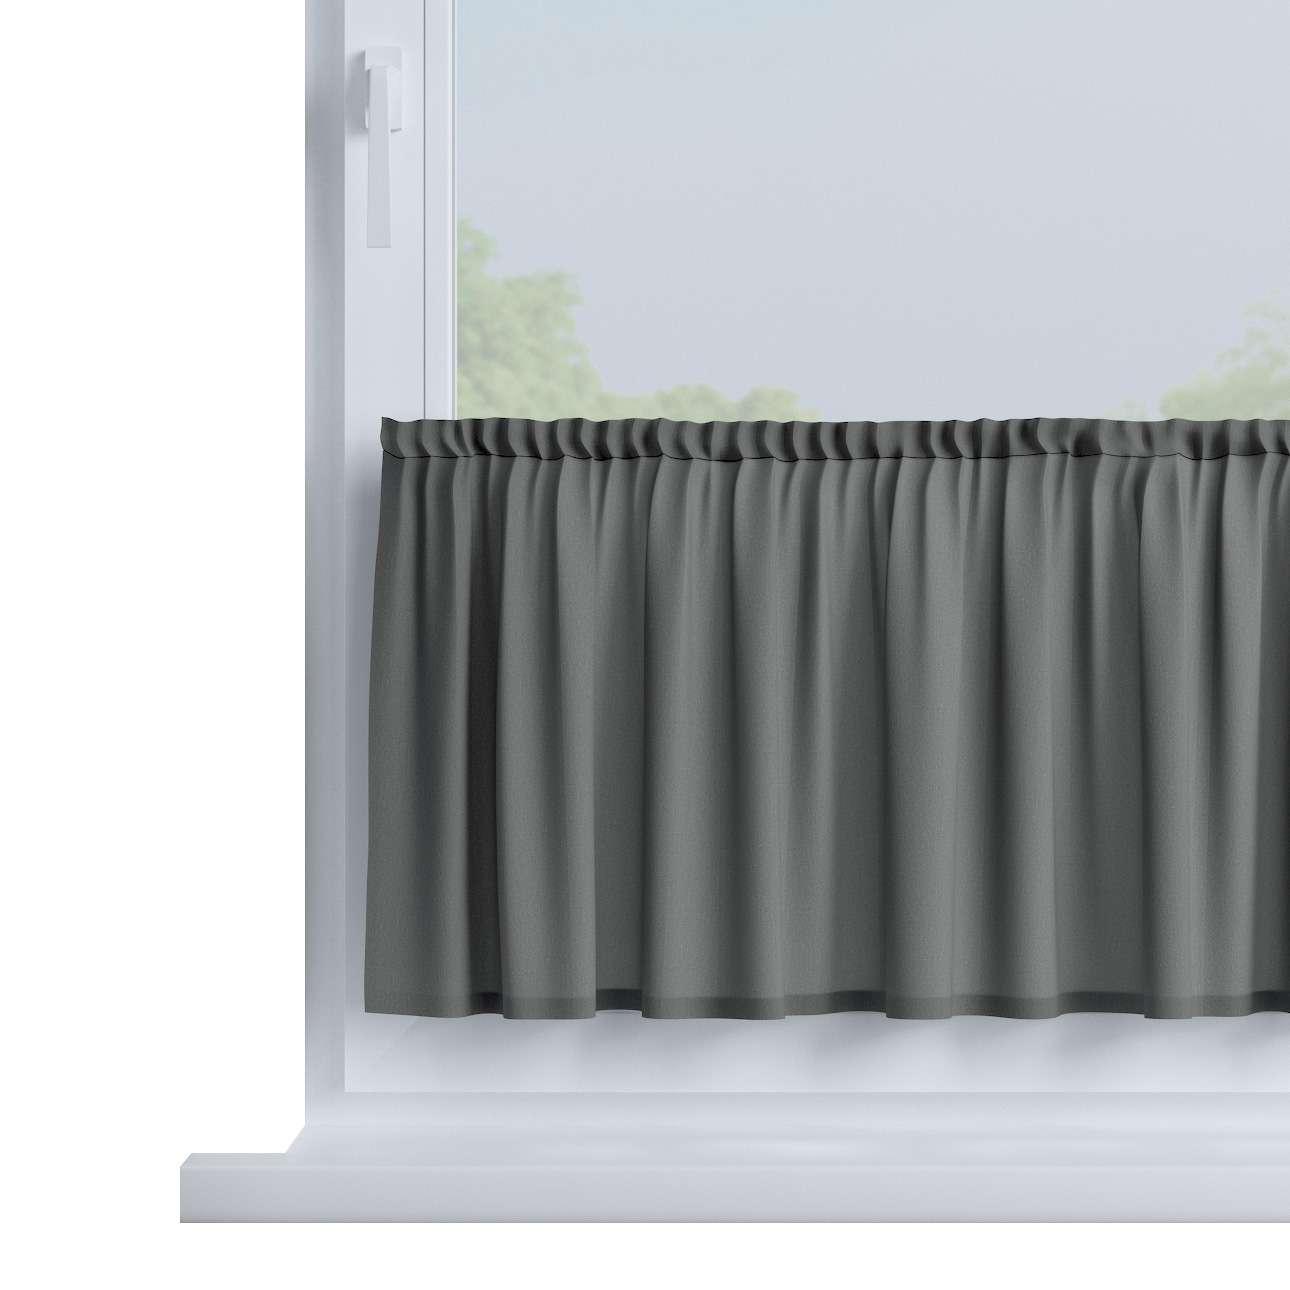 Vitrážka jednoduchá, metráž V kolekcii Quadro, tkanina: 136-14